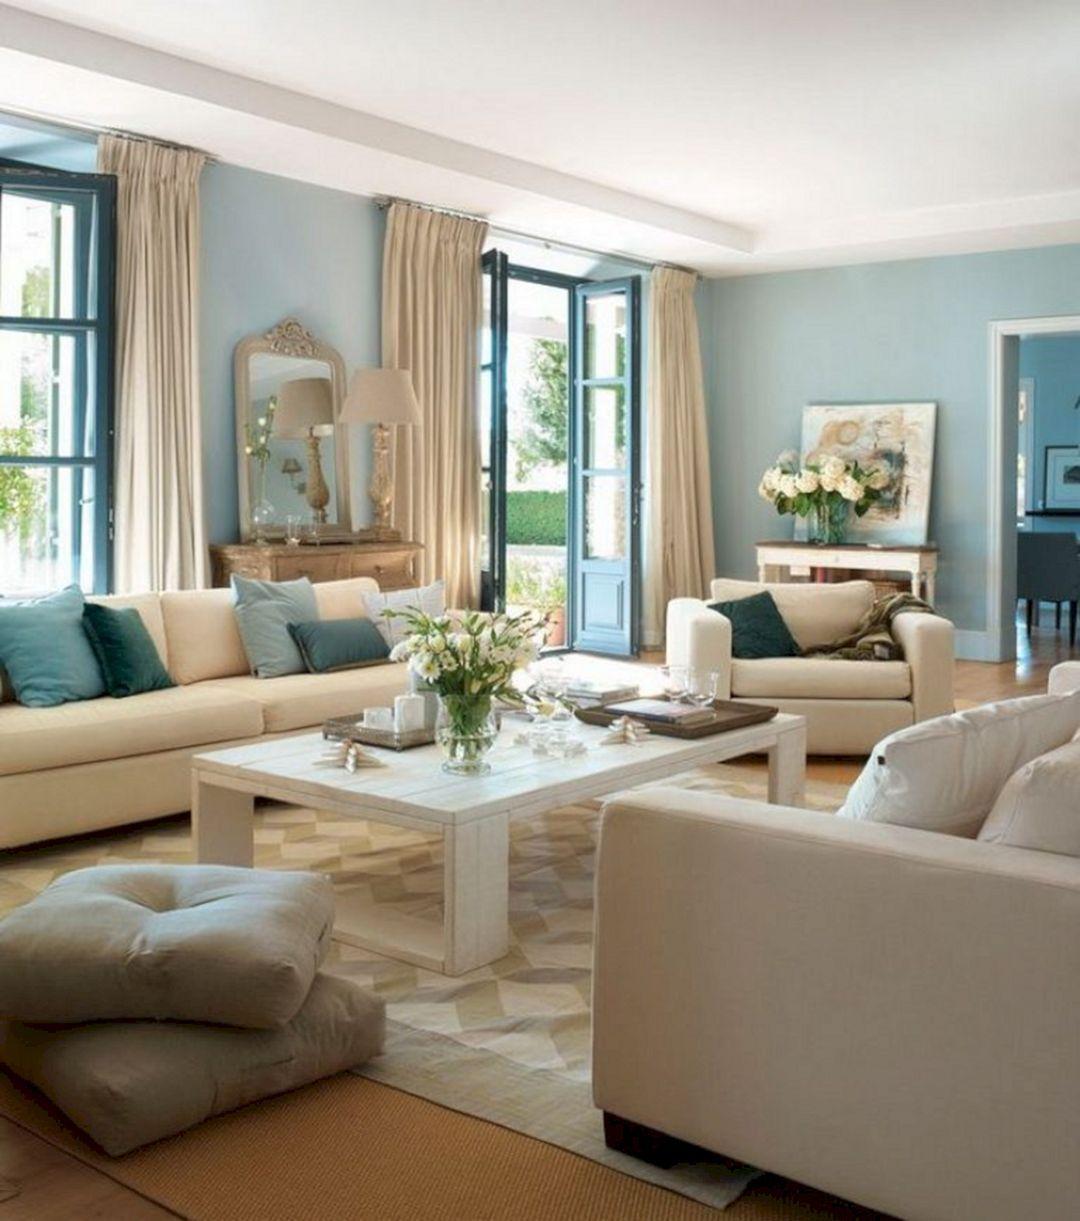 15 Extraordinary Aqua Blue Living Room Design That Looks More Luxury Freshouz Com Light Blue Living Room Blue Walls Living Room Blue Living Room Decor